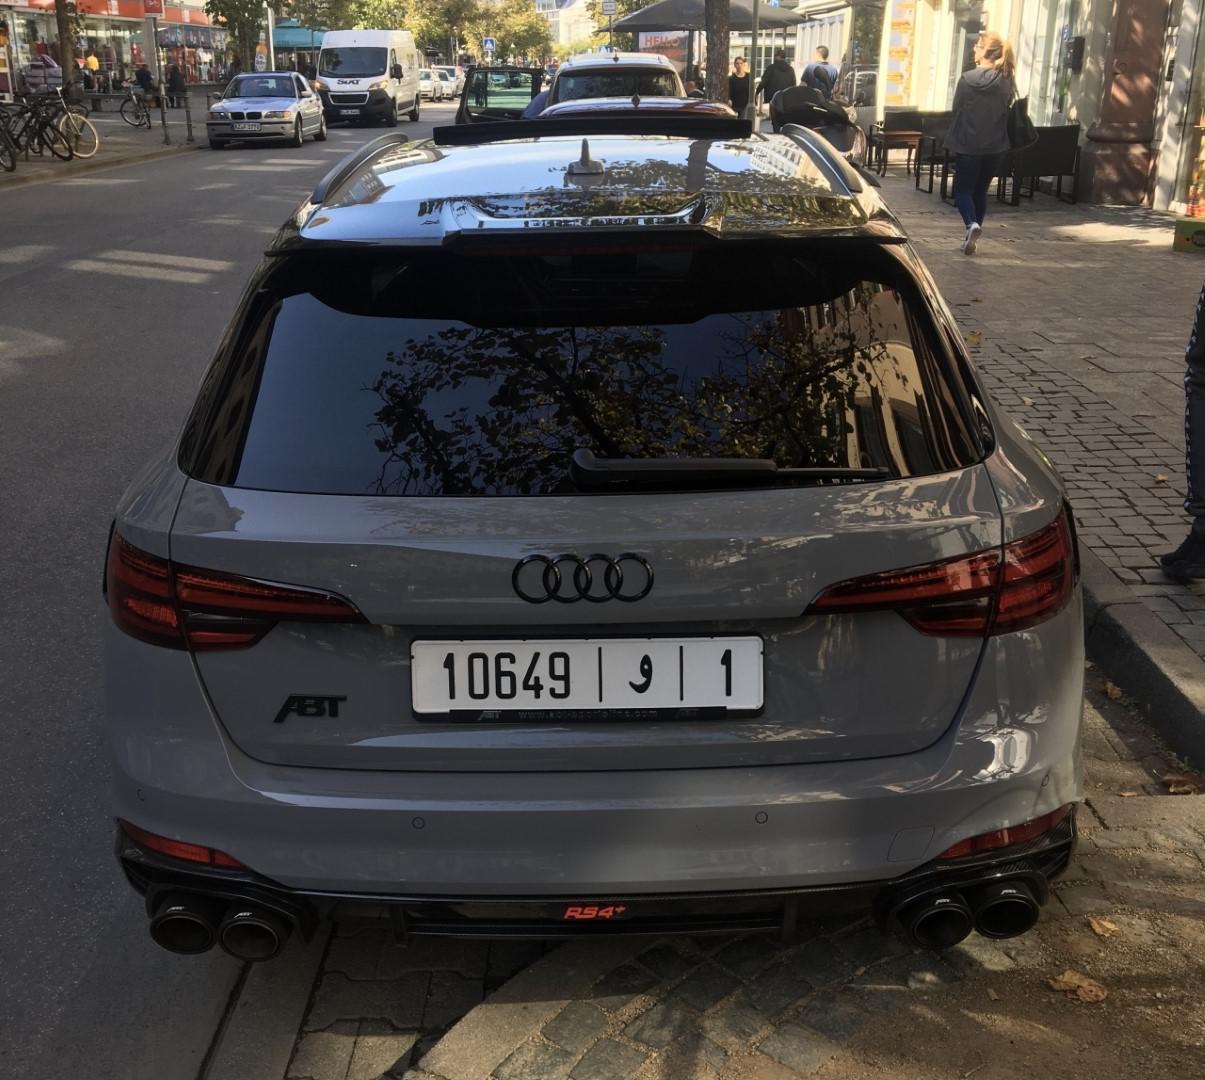 abt-preparateur-automobiles-et-ecurie-dtm-1412-3.jpg